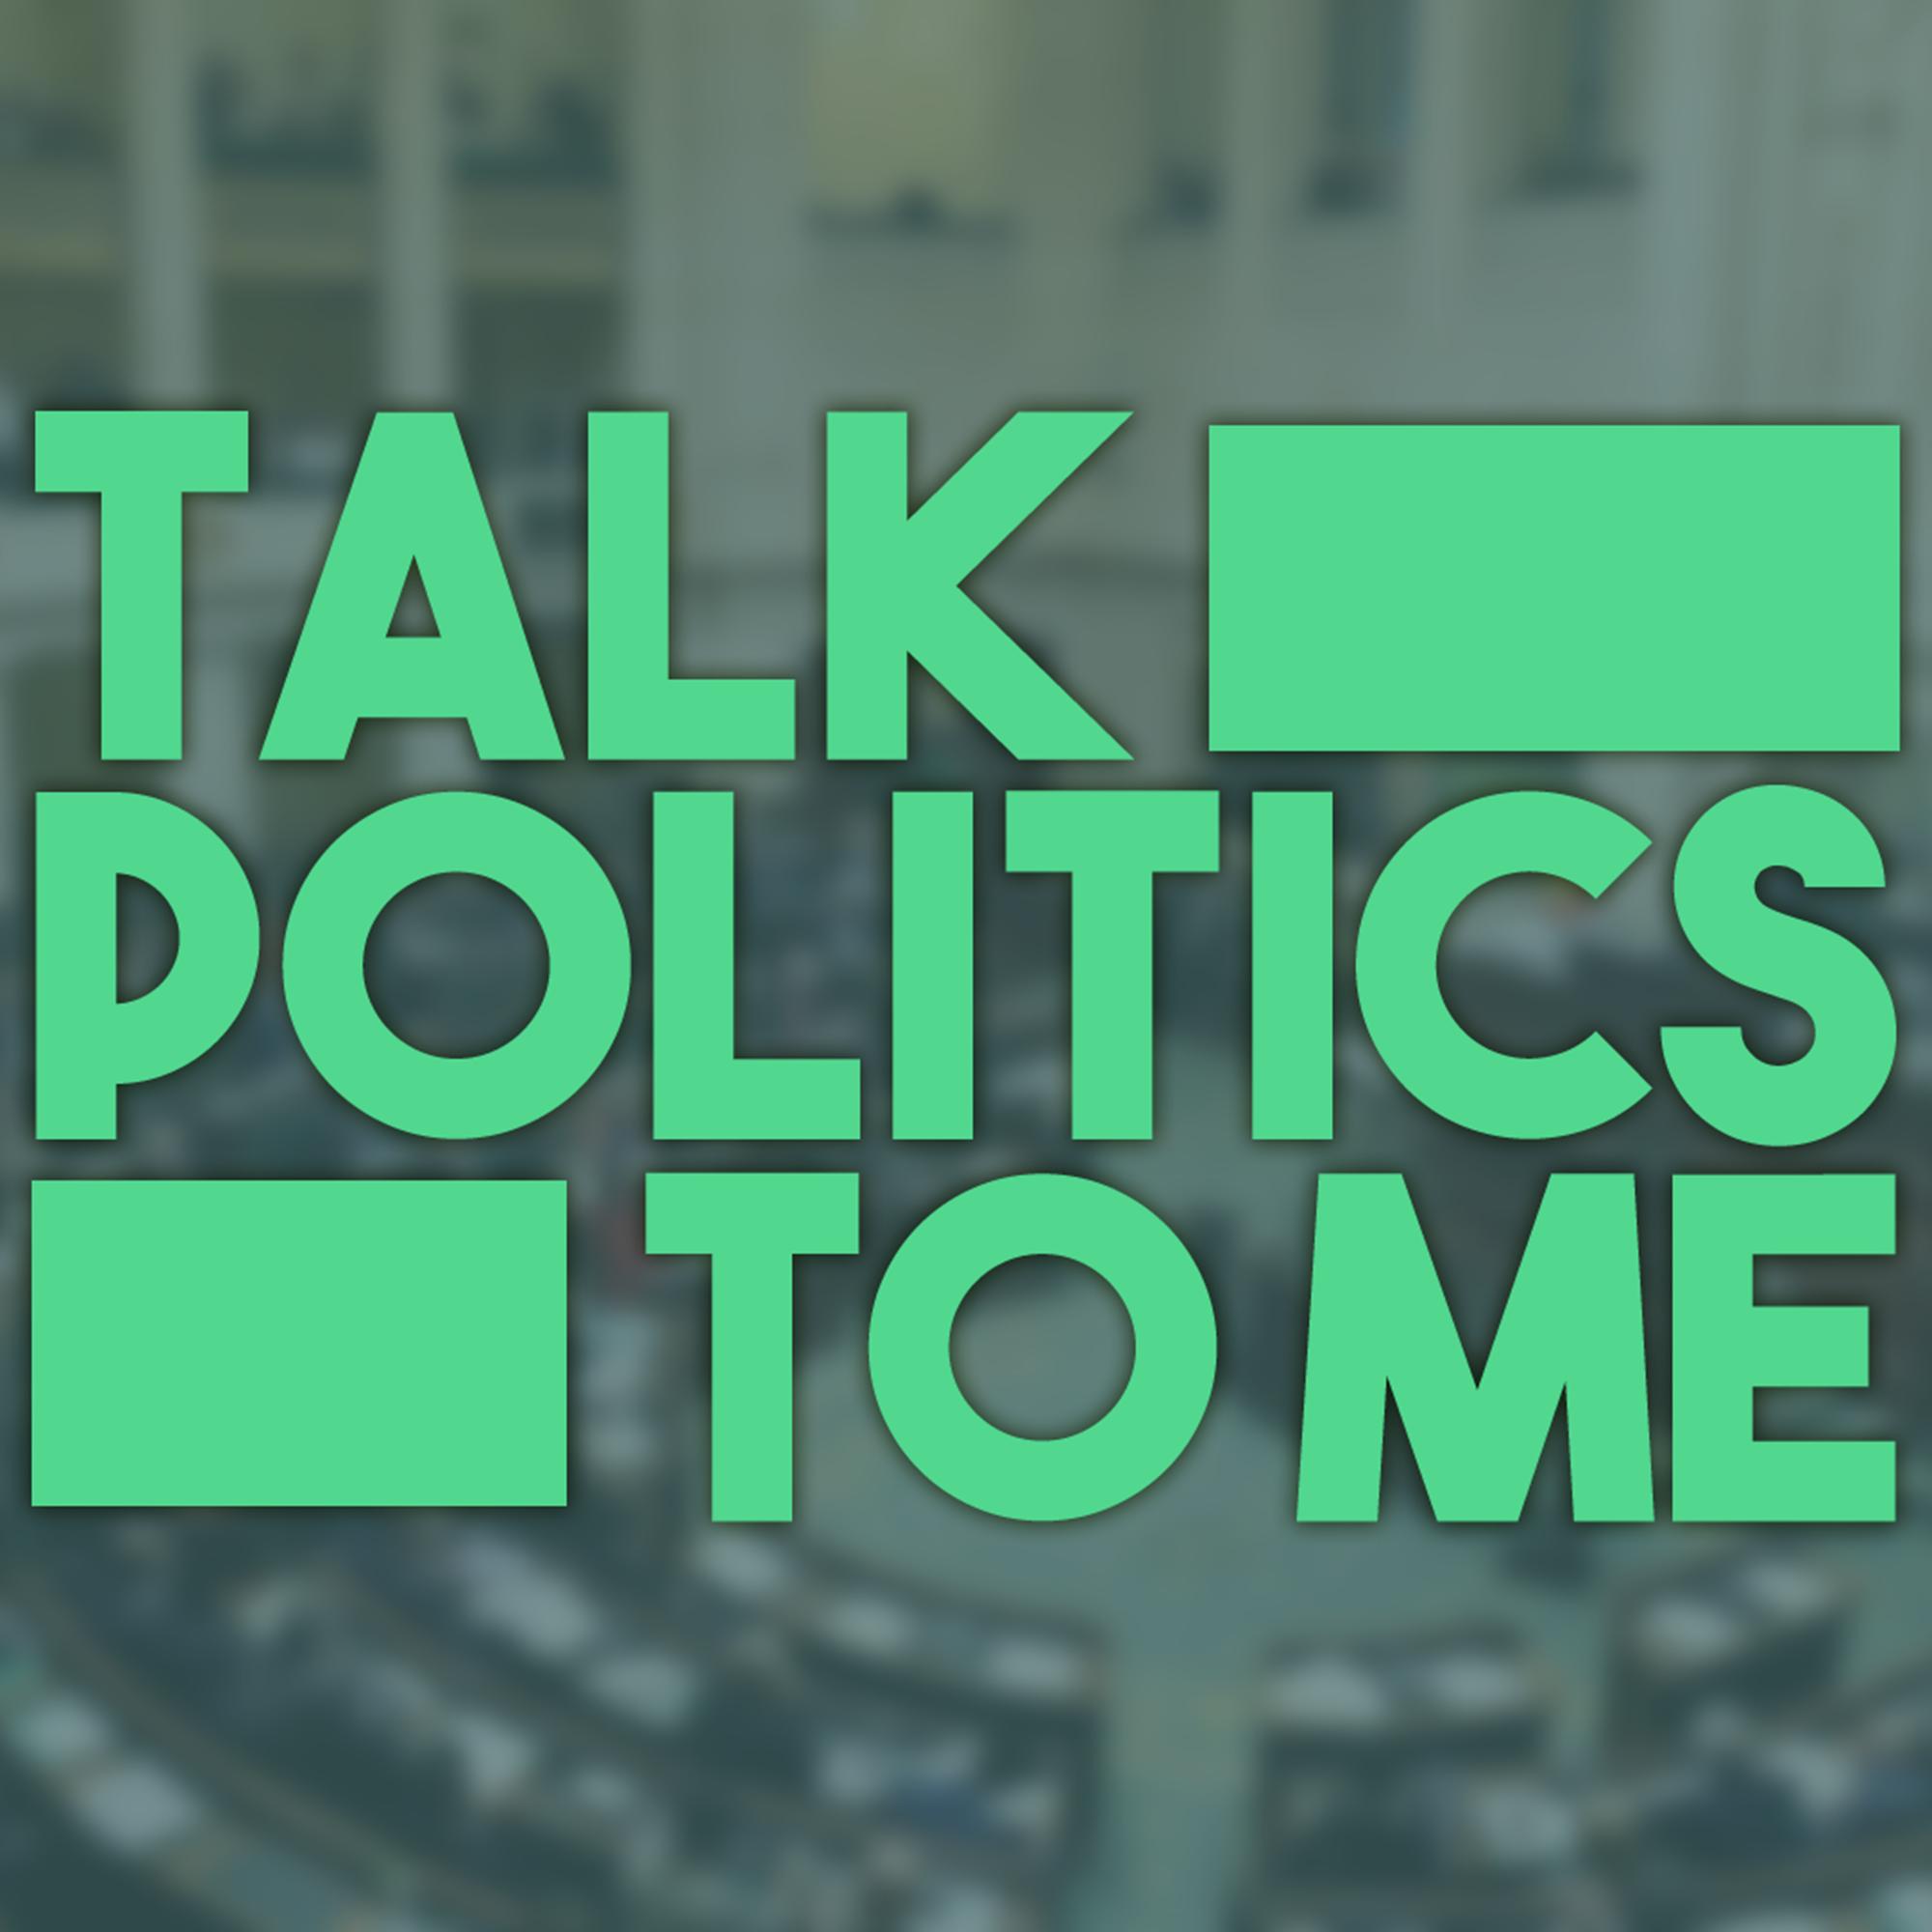 Talk Politics To Me